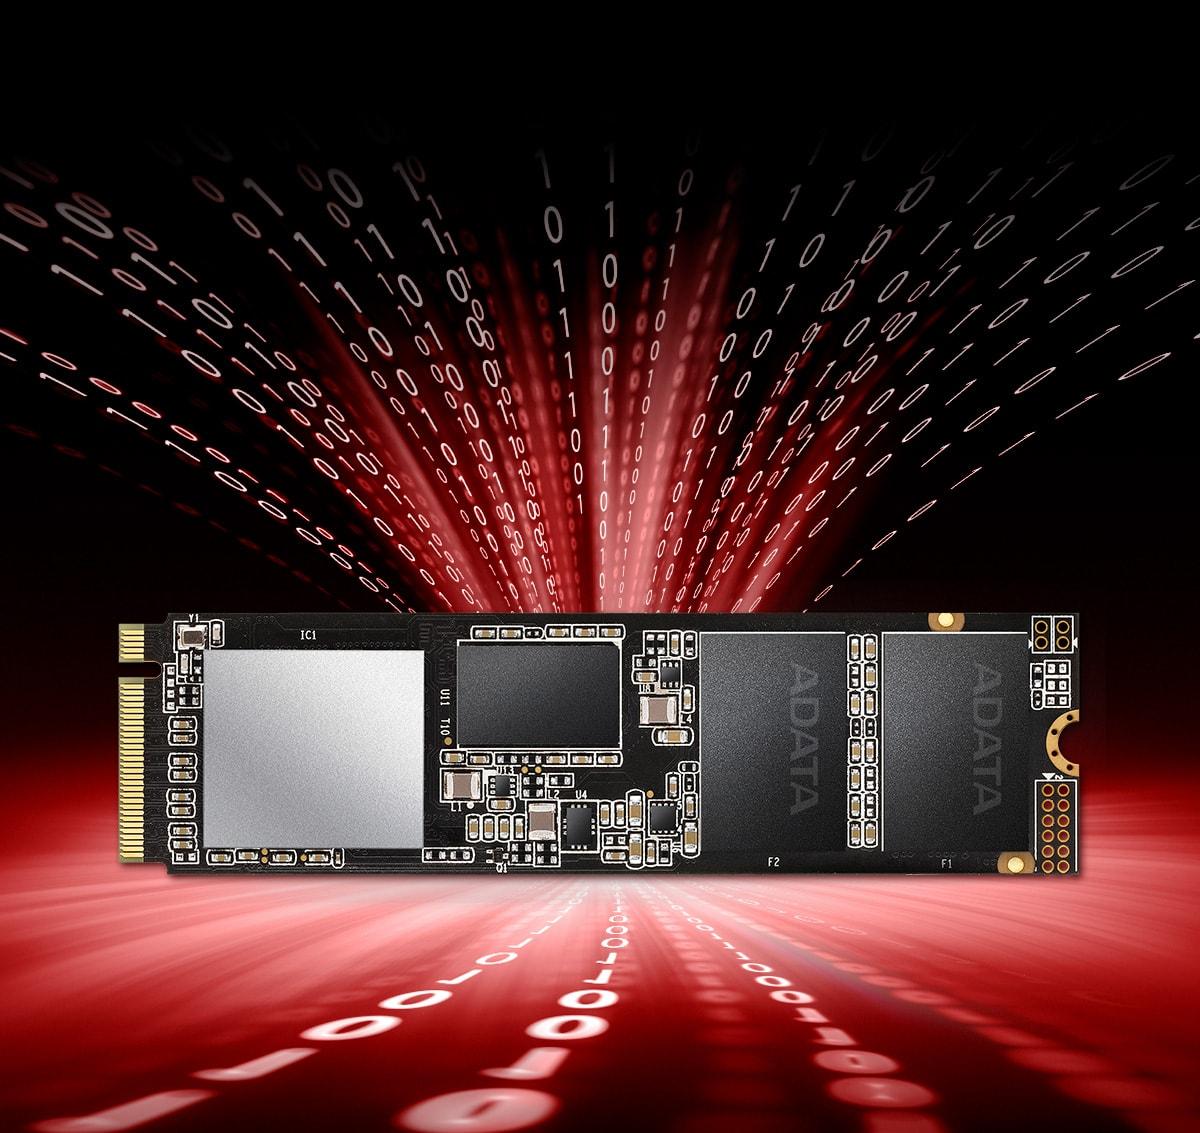 قیمت خرید اس اس دی اینترنال ایکس پی جی مدل SX8200 Pro با ظرفیت 512 گیگابایت